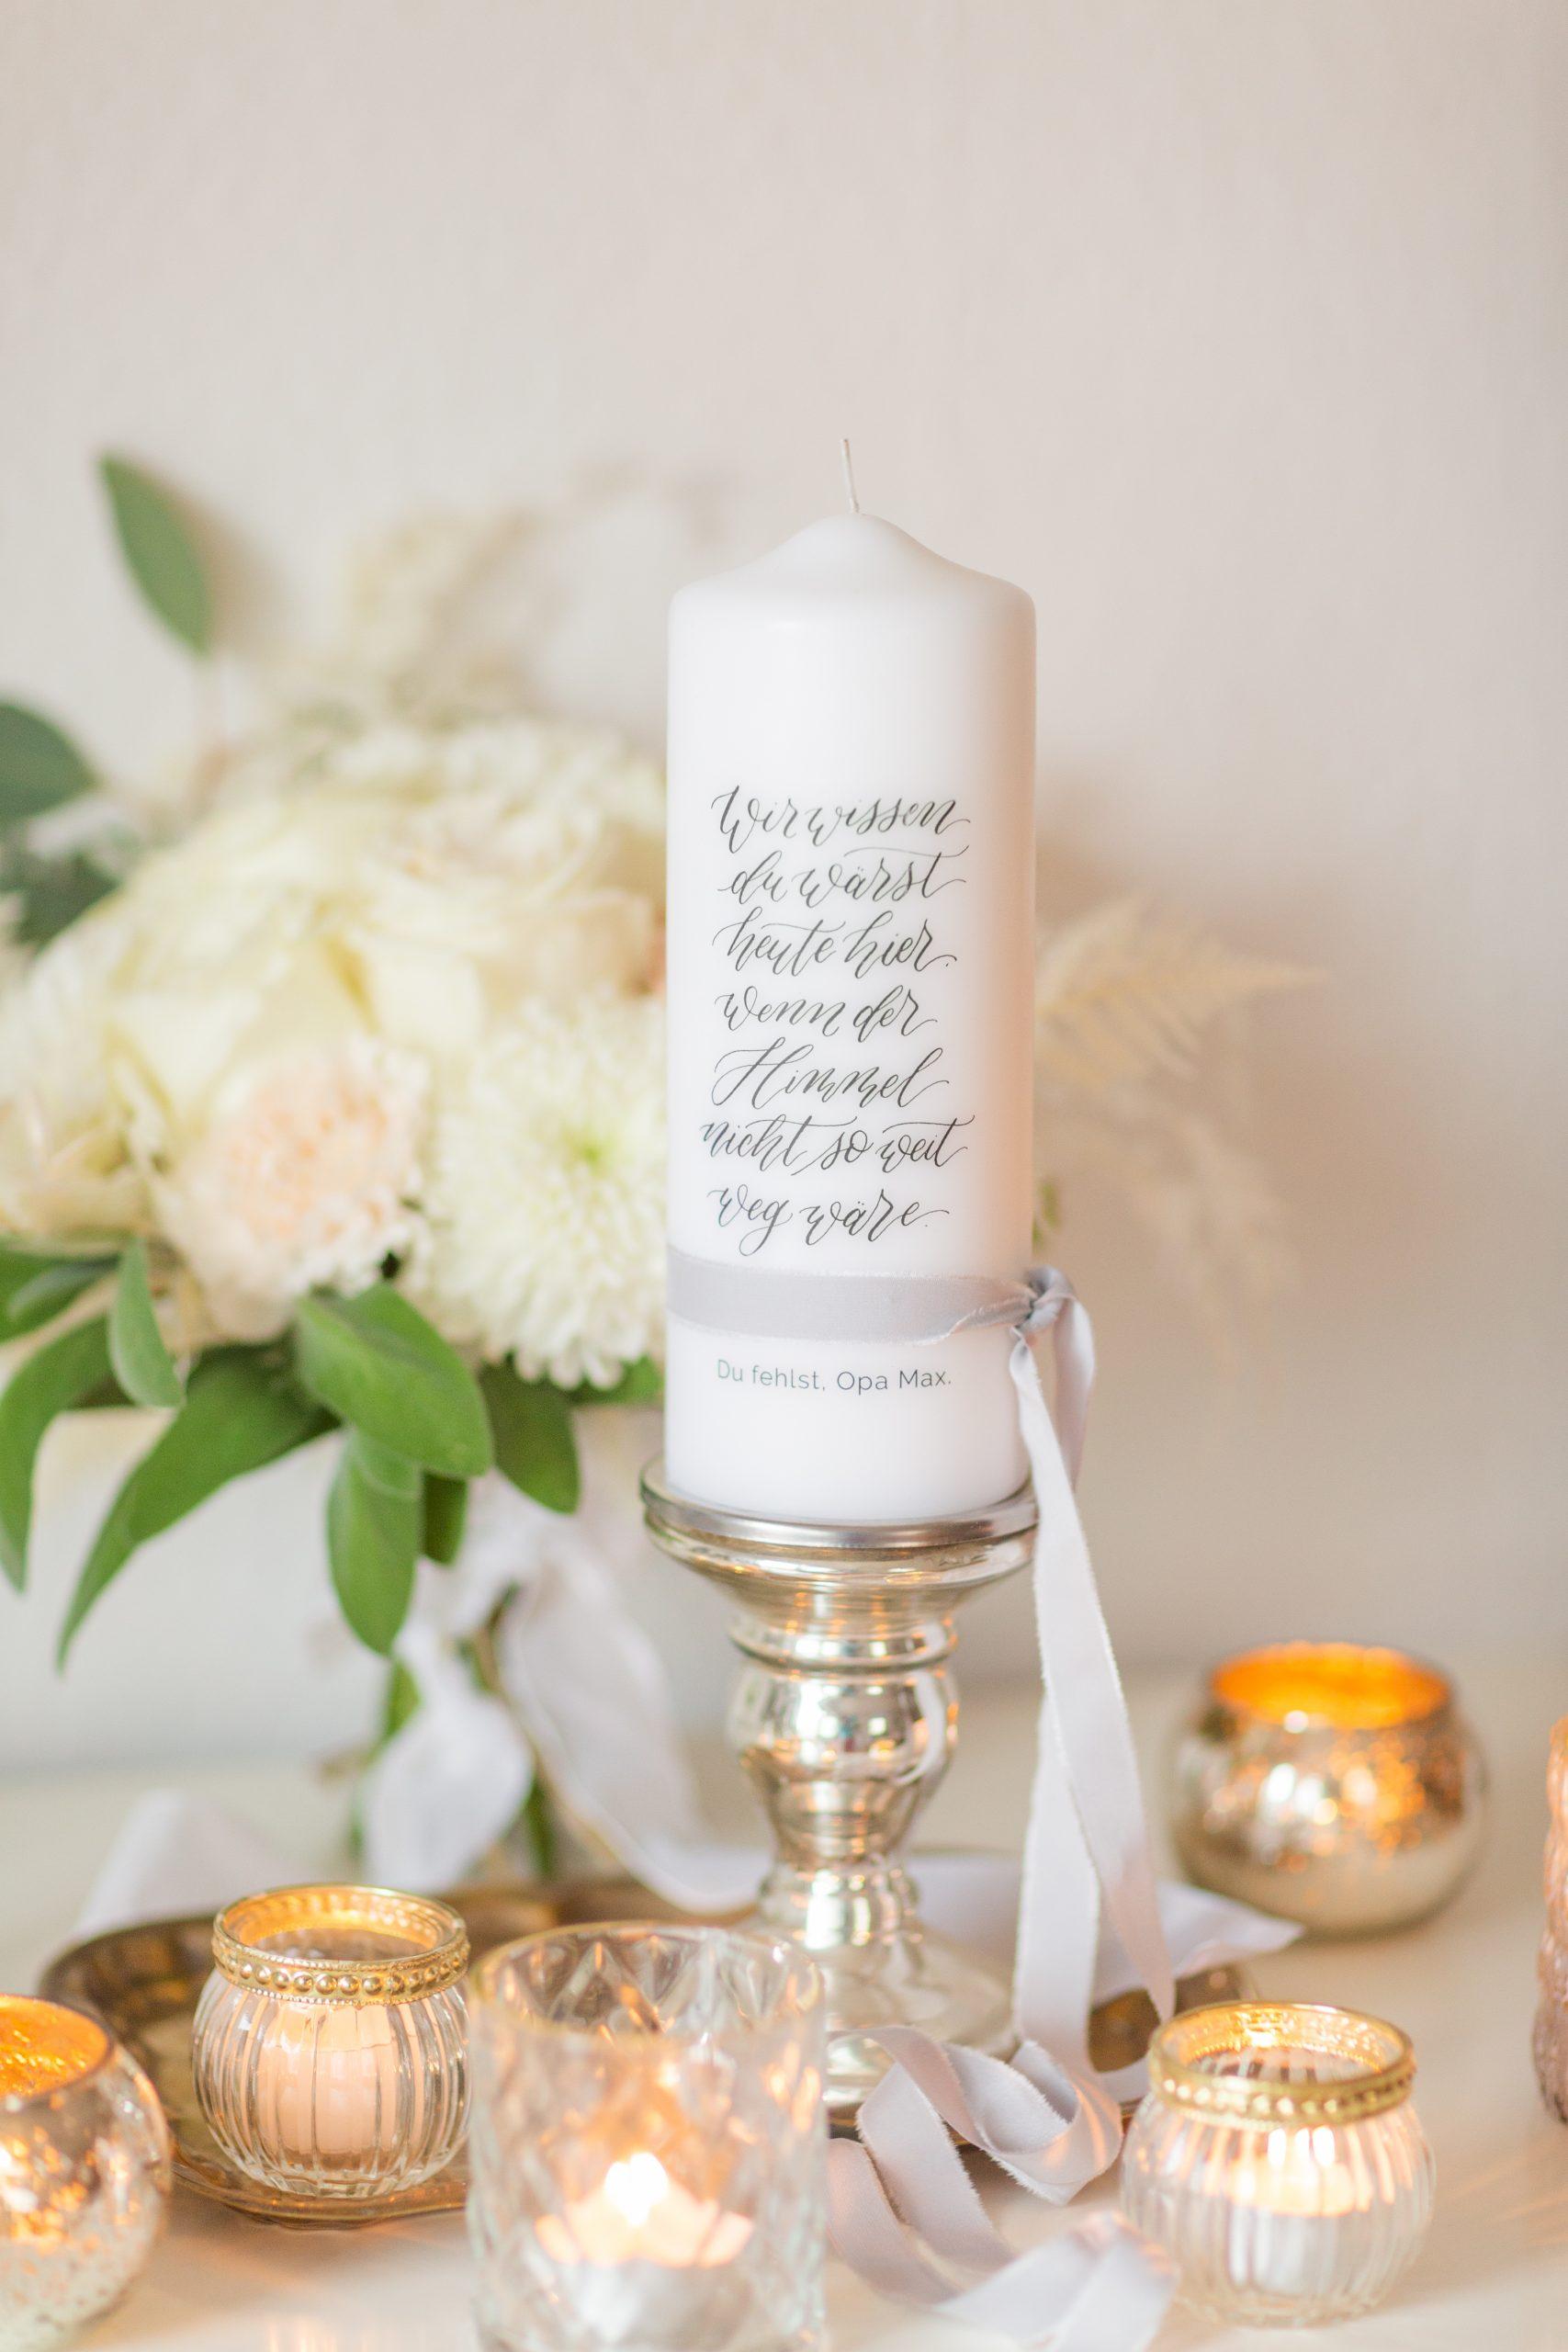 Gedenkkerze Verstorbene Hochzeit, Trauerkerze Hochzeit, Kerze für Verstorbene Fest, Gedenkkerze Taufe, Geburtstag